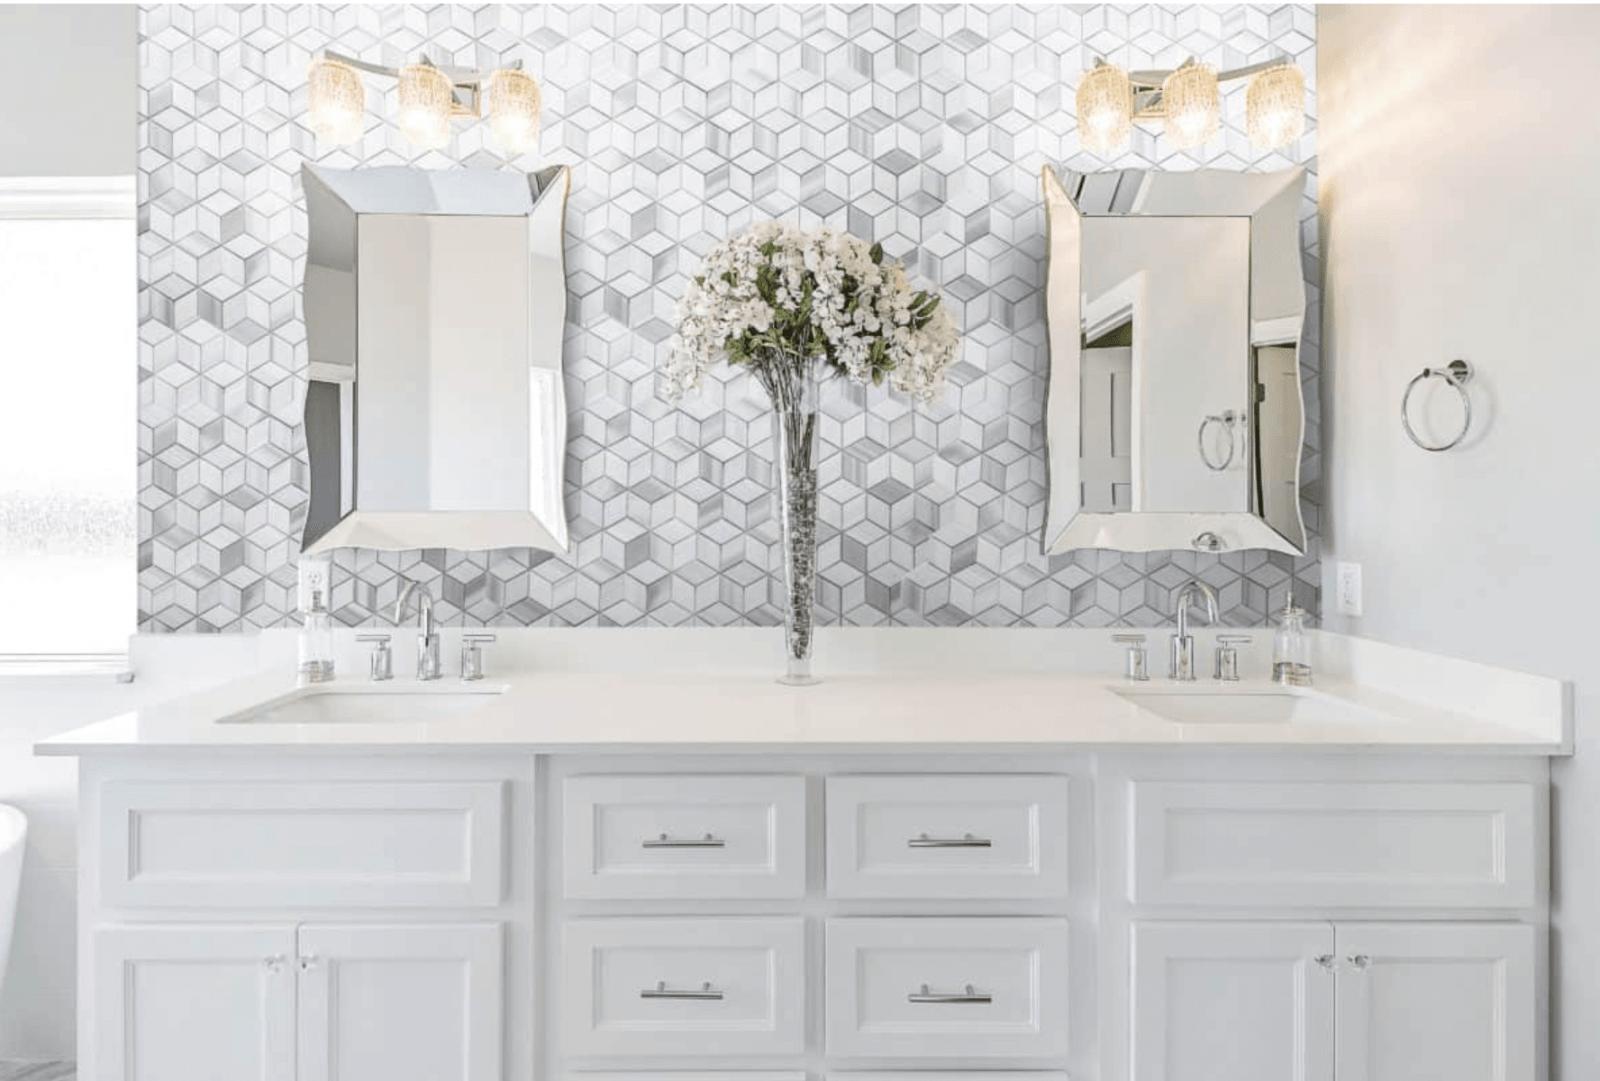 mosaic backsplash in bathroom